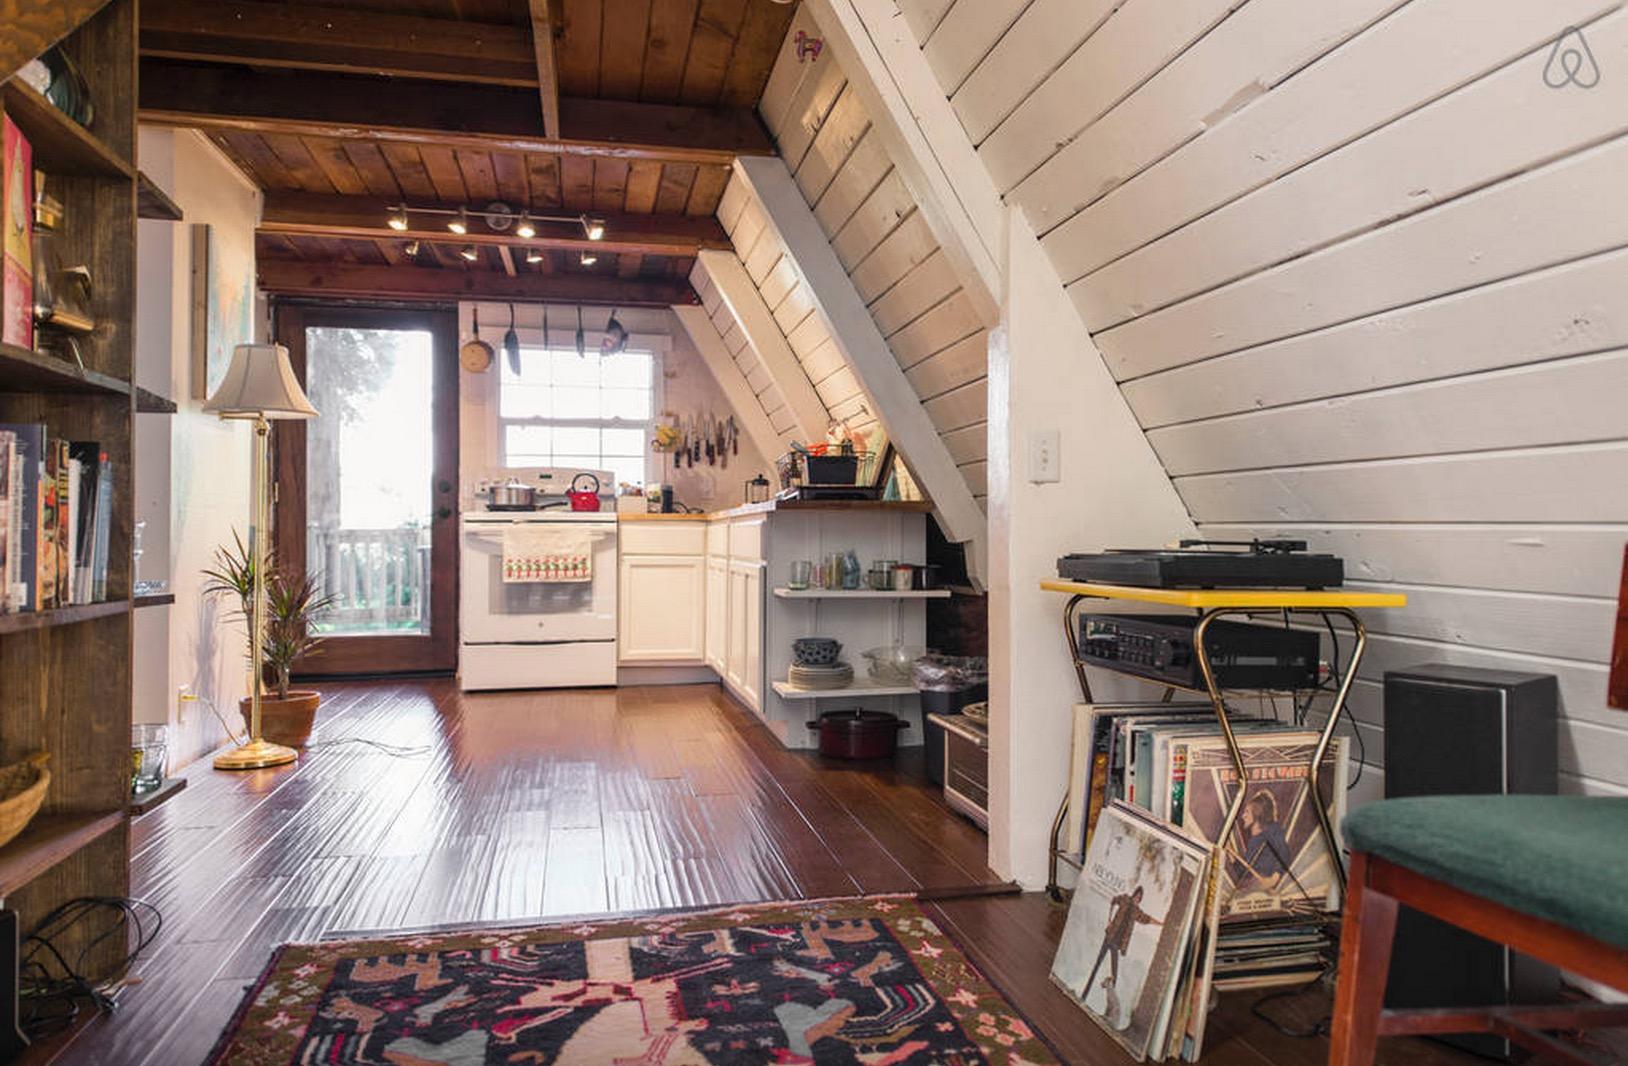 Cabin-Redwoods-Joli-Joli-Design-Cabine-10